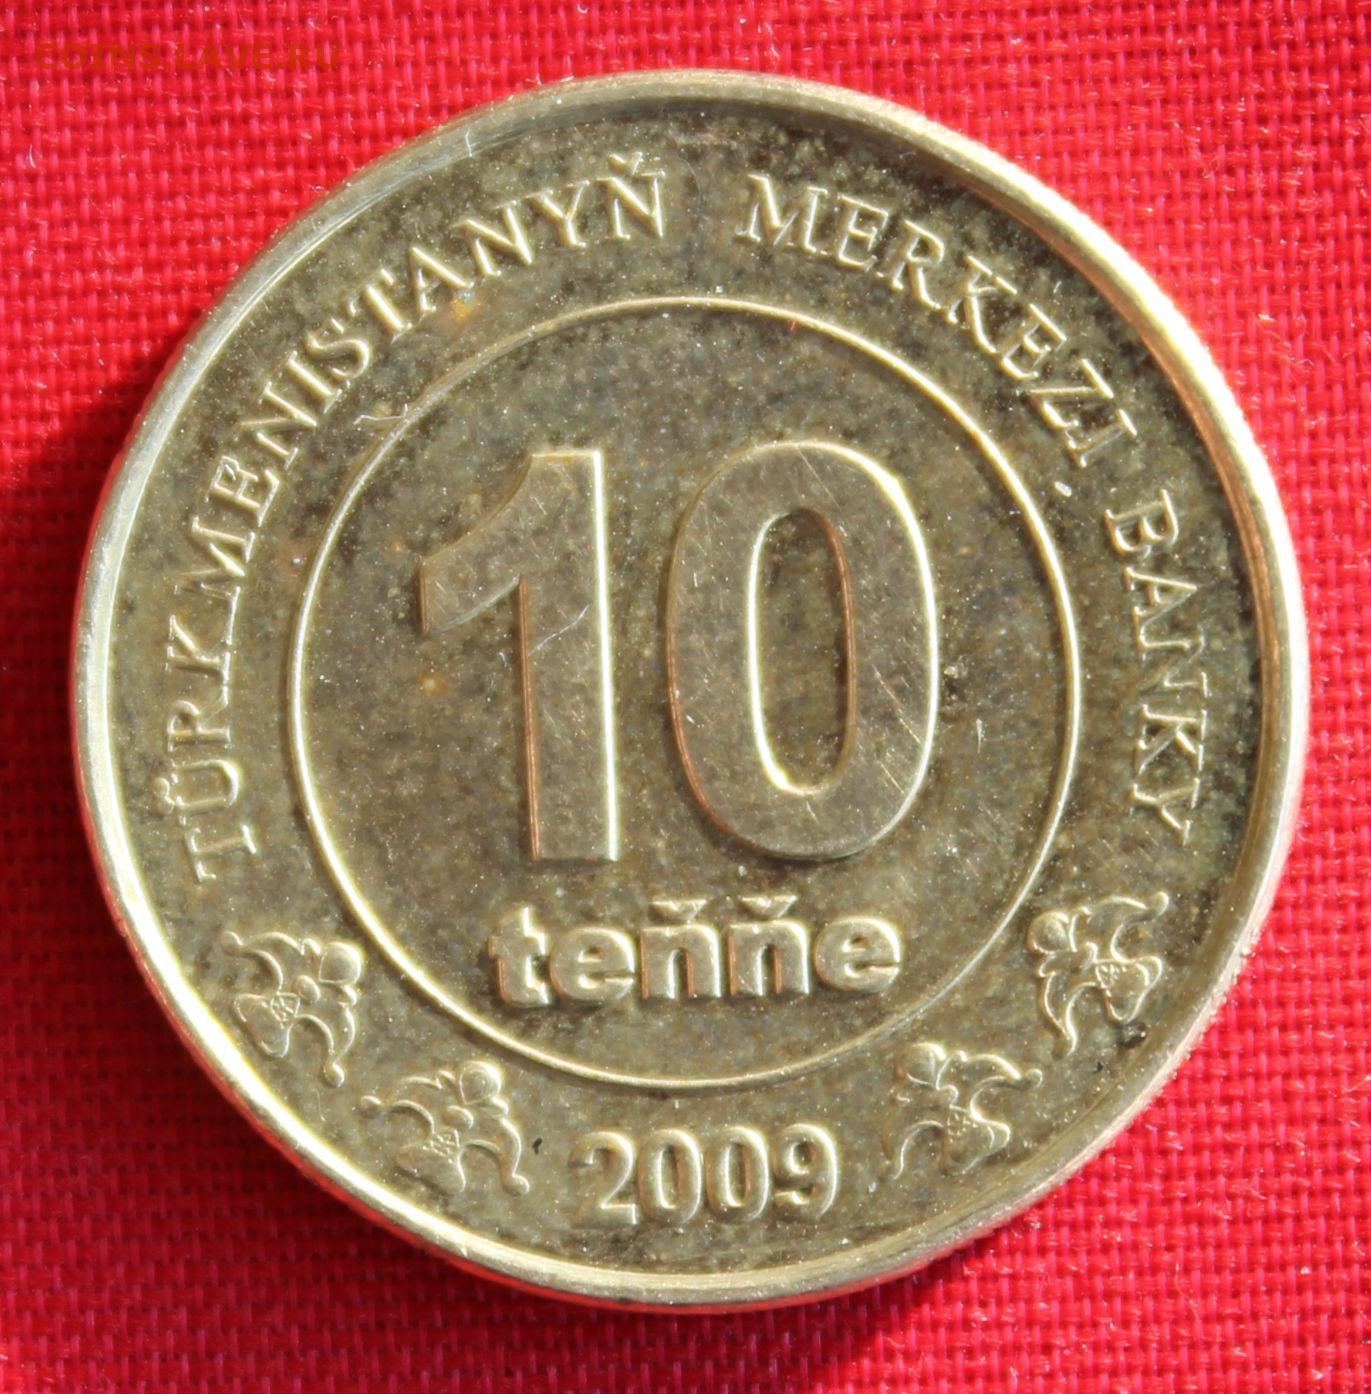 10 тенге 2011 года цена в рублях что было обнаружено на титанике